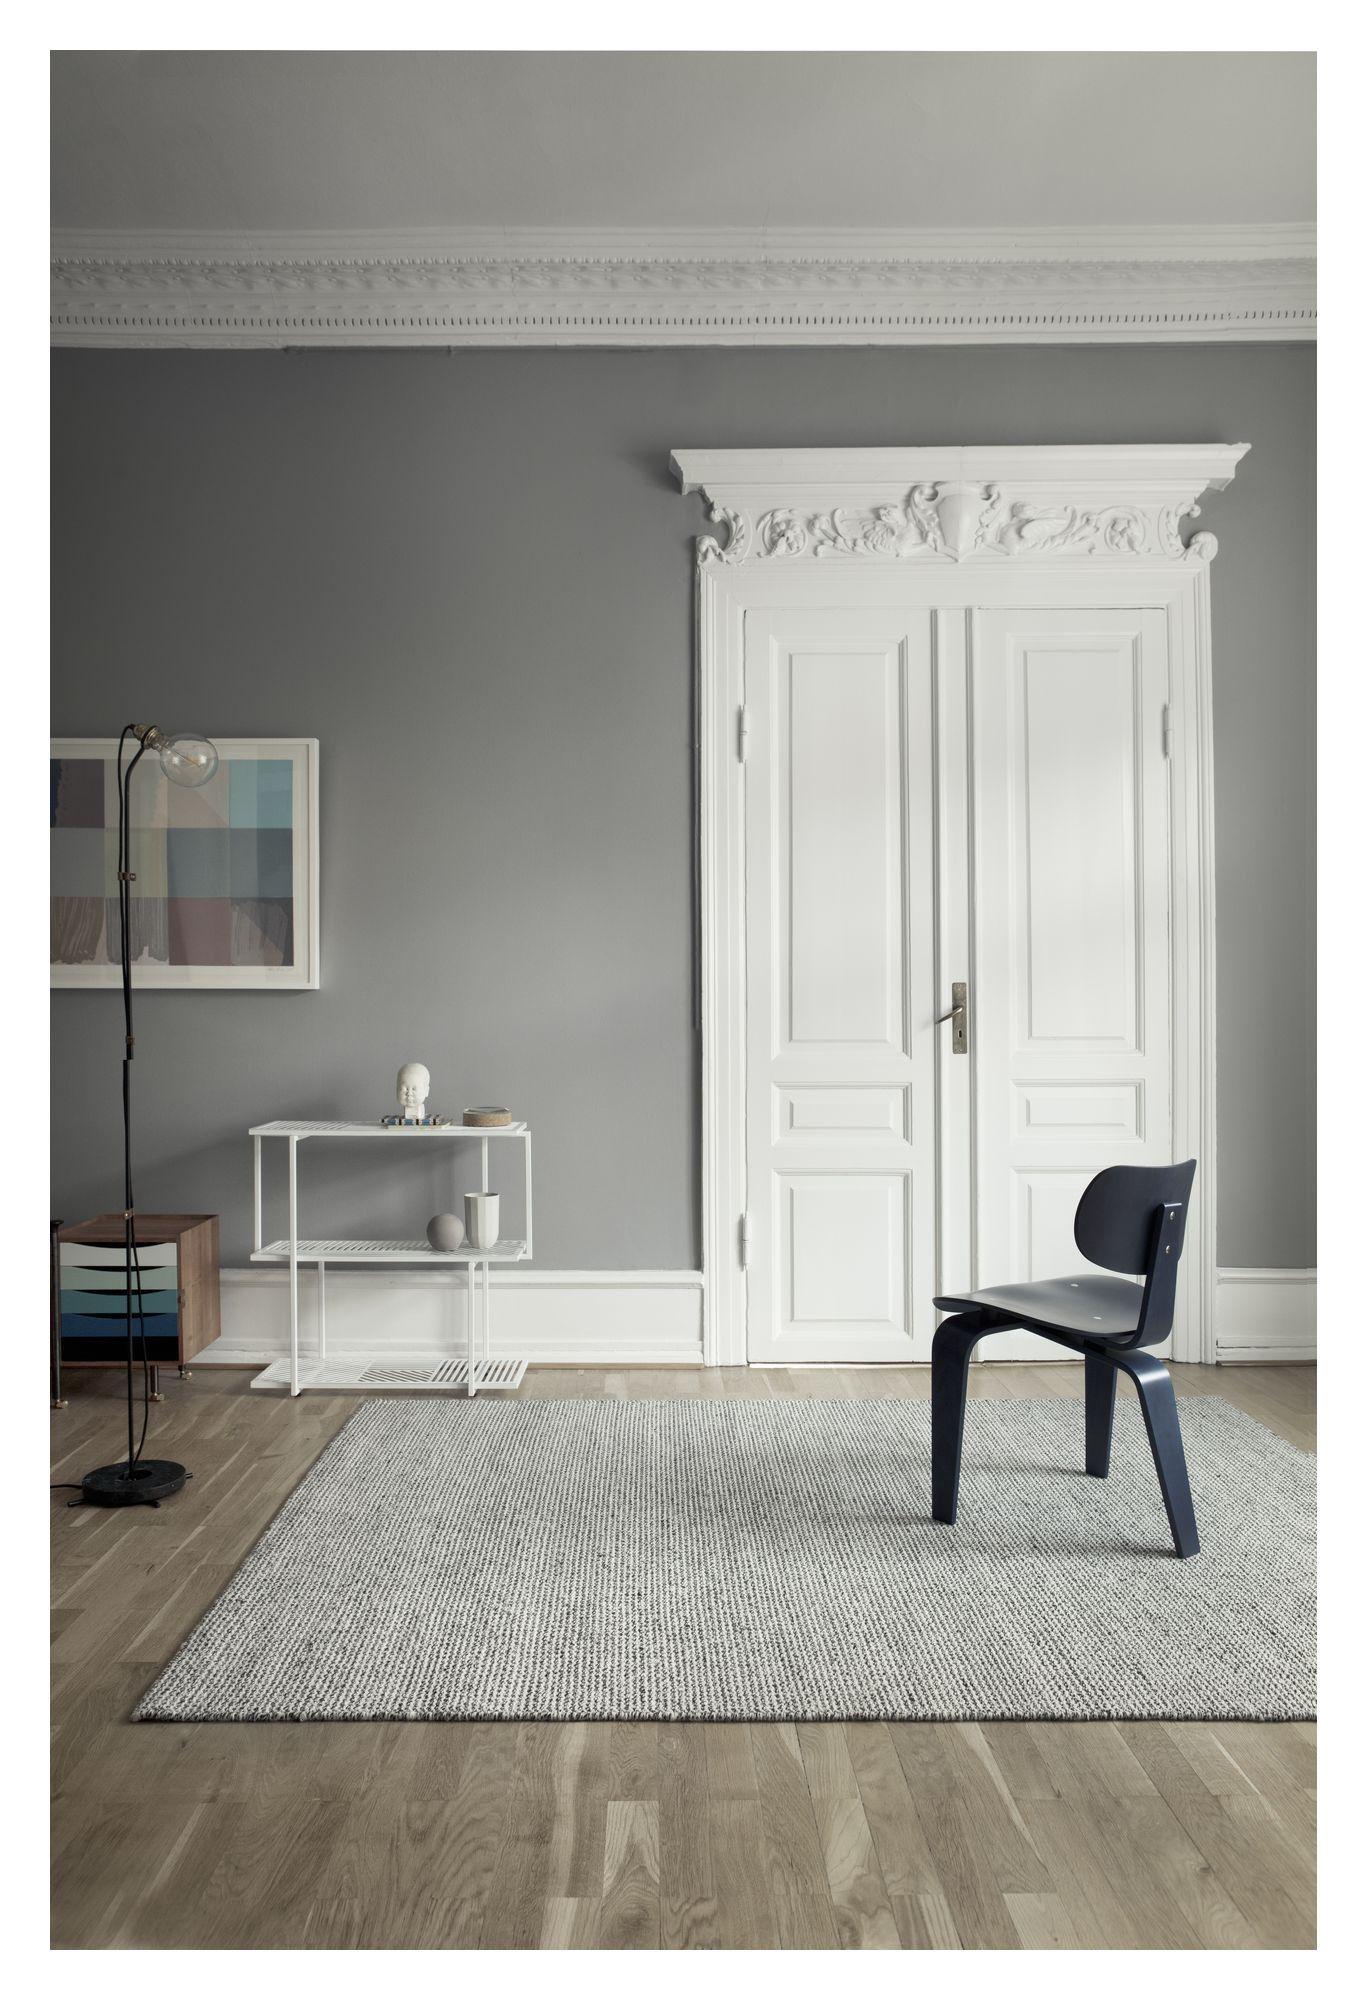 fabula living fenris beige kelim 250x350 gratis fragt. Black Bedroom Furniture Sets. Home Design Ideas